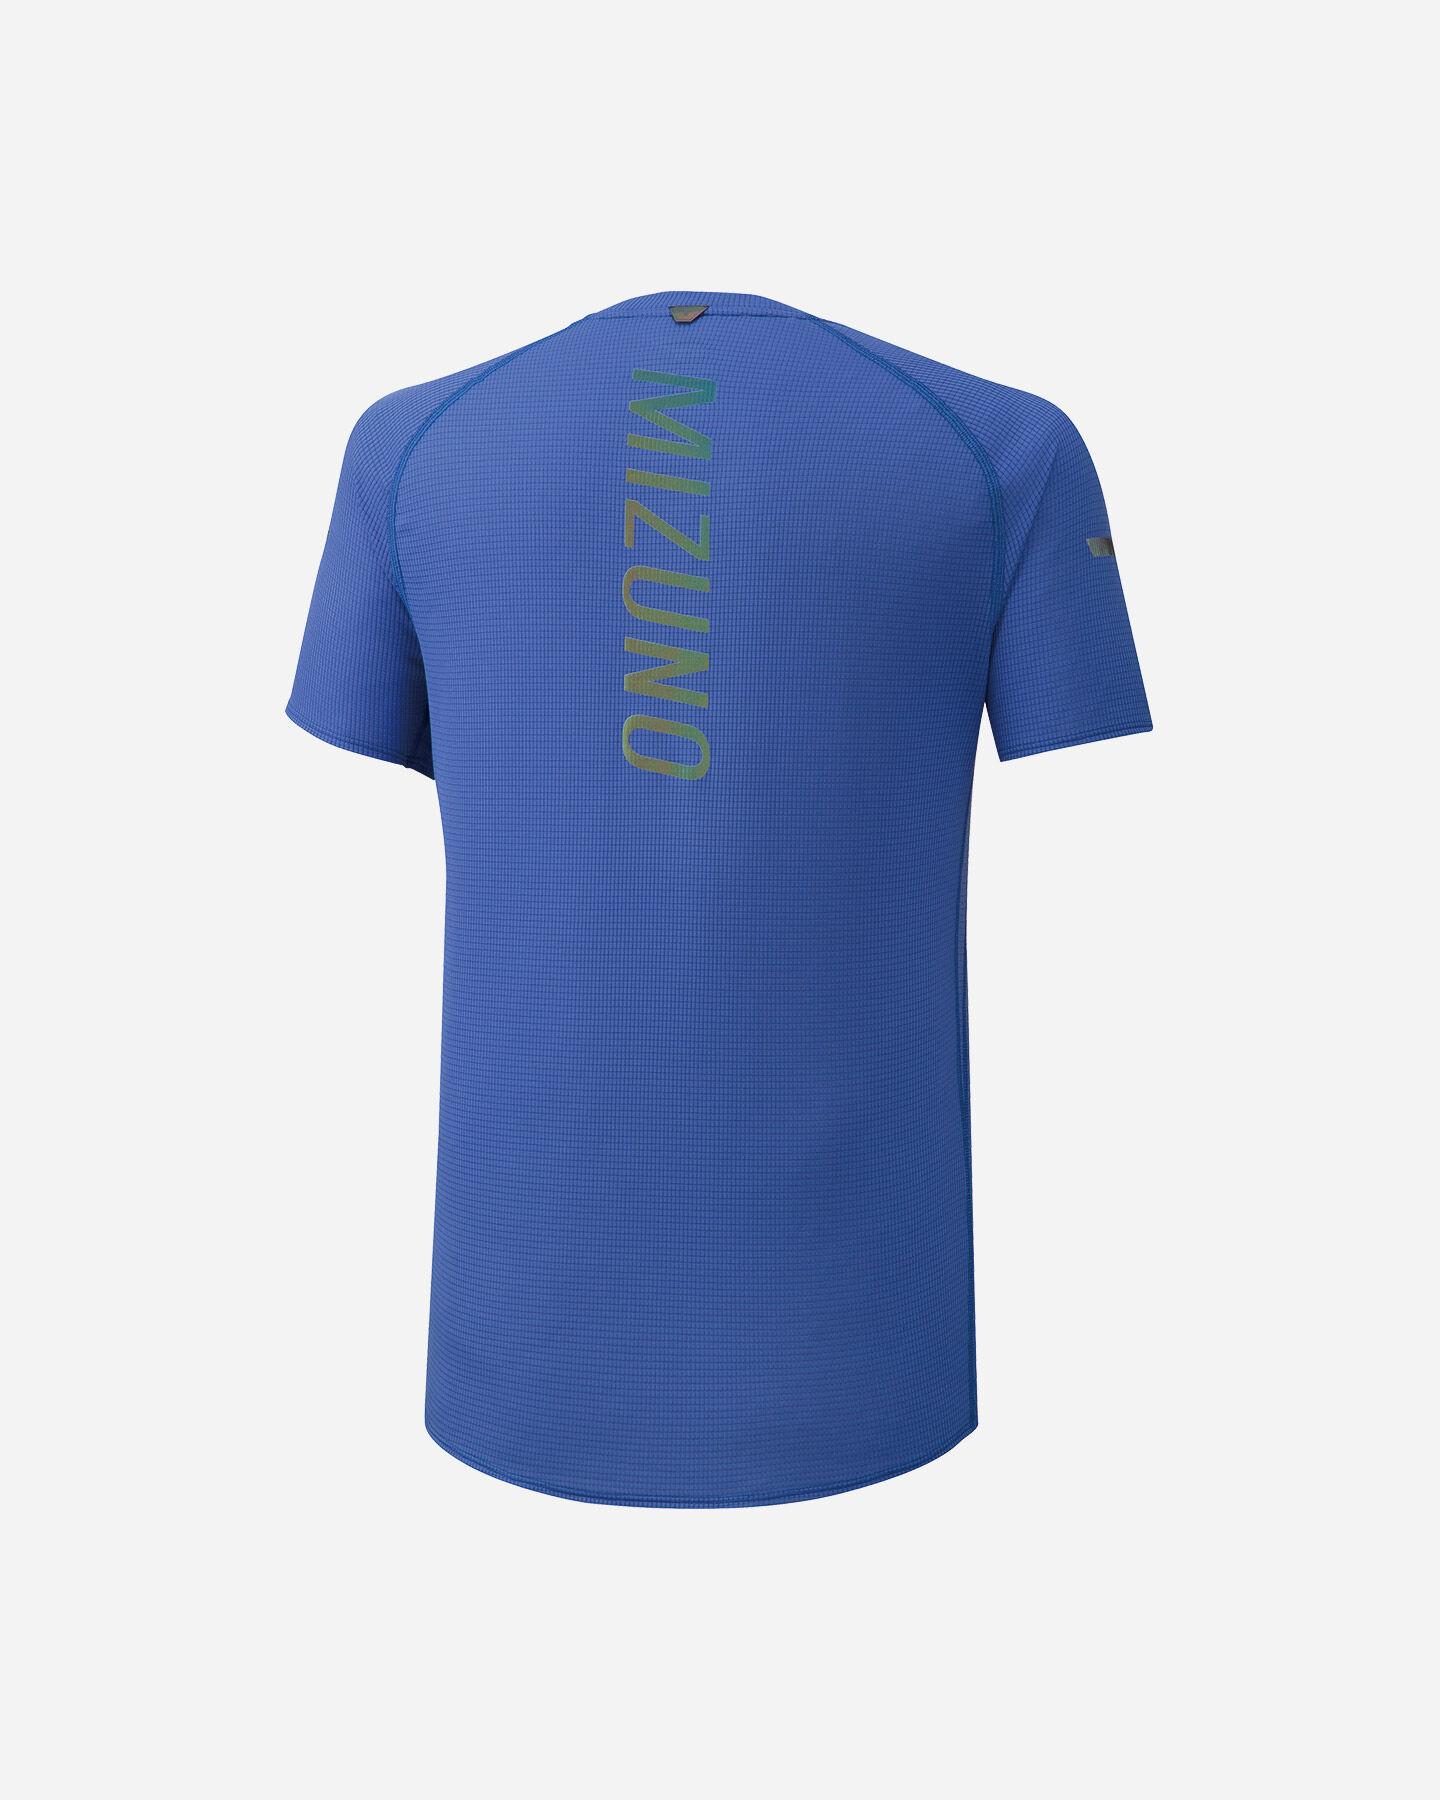 T-Shirt running MIZUNO DRYAEROFLOW M S5167356 scatto 1